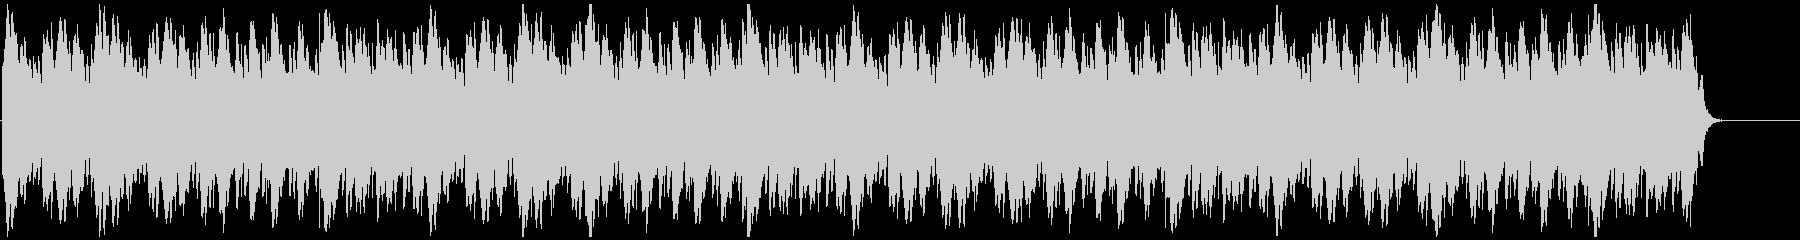 苦悩 謎解 不安 シンプルなミニマル音楽の未再生の波形